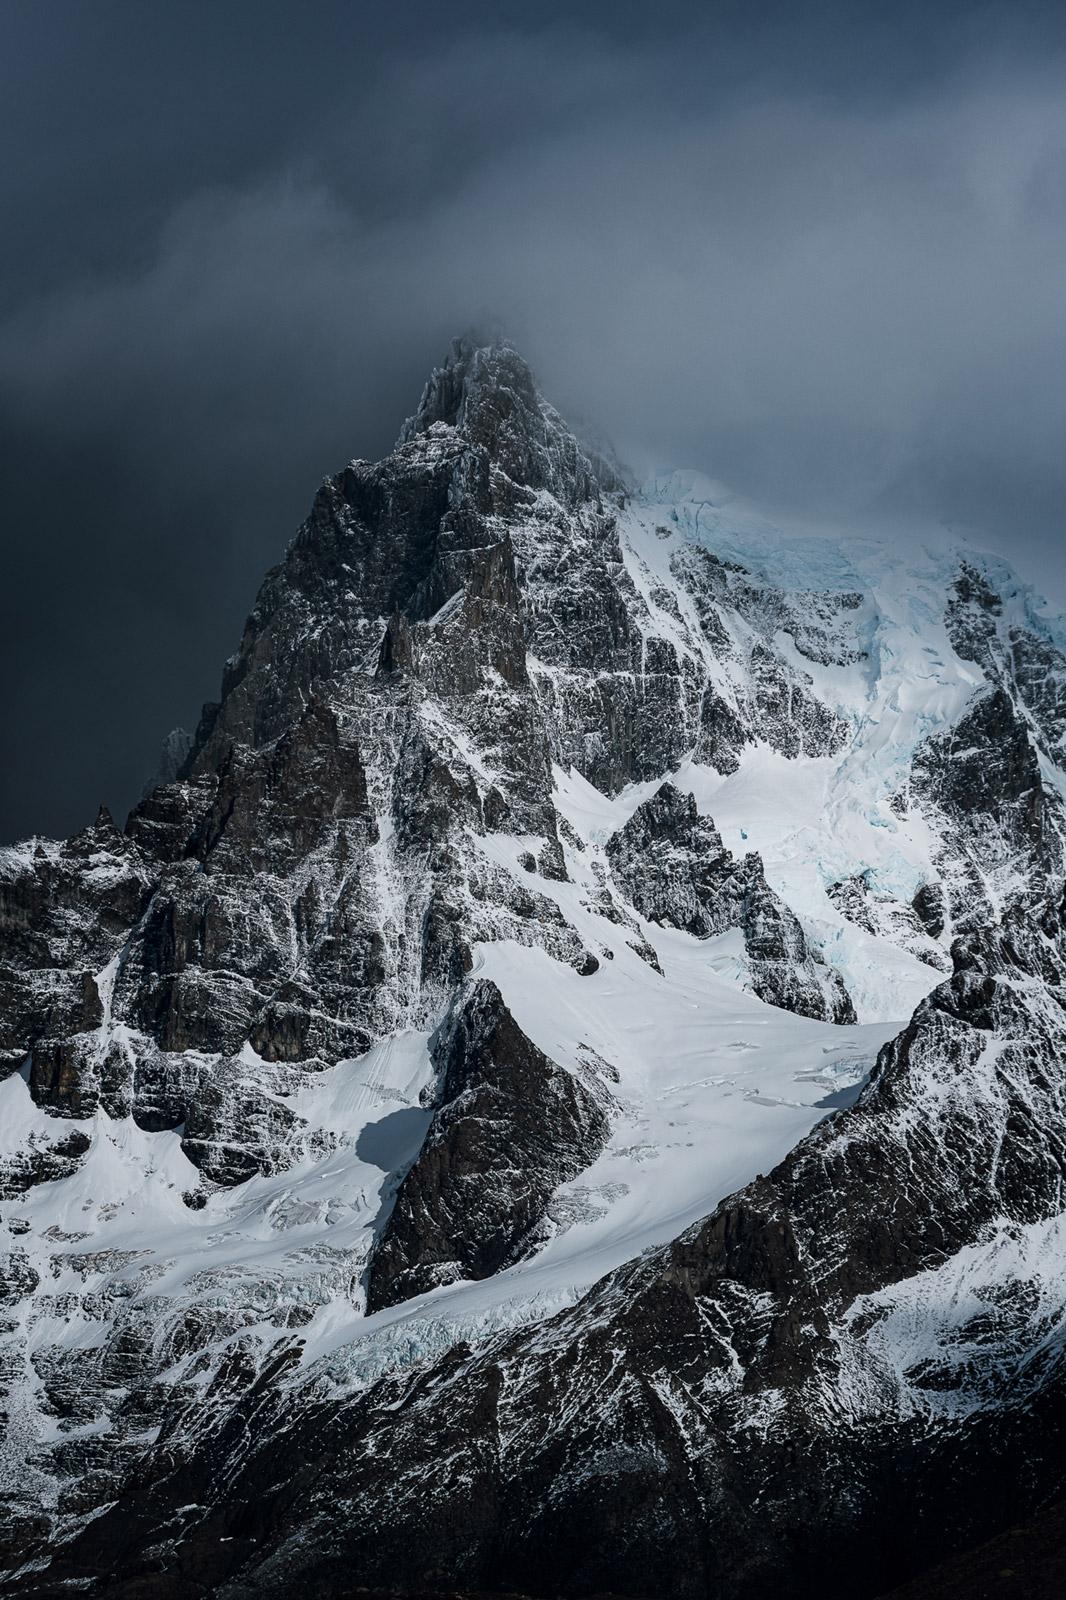 Patagonien in Chile Bergspitze - Stefan Schäfer Landschaftsfotograf